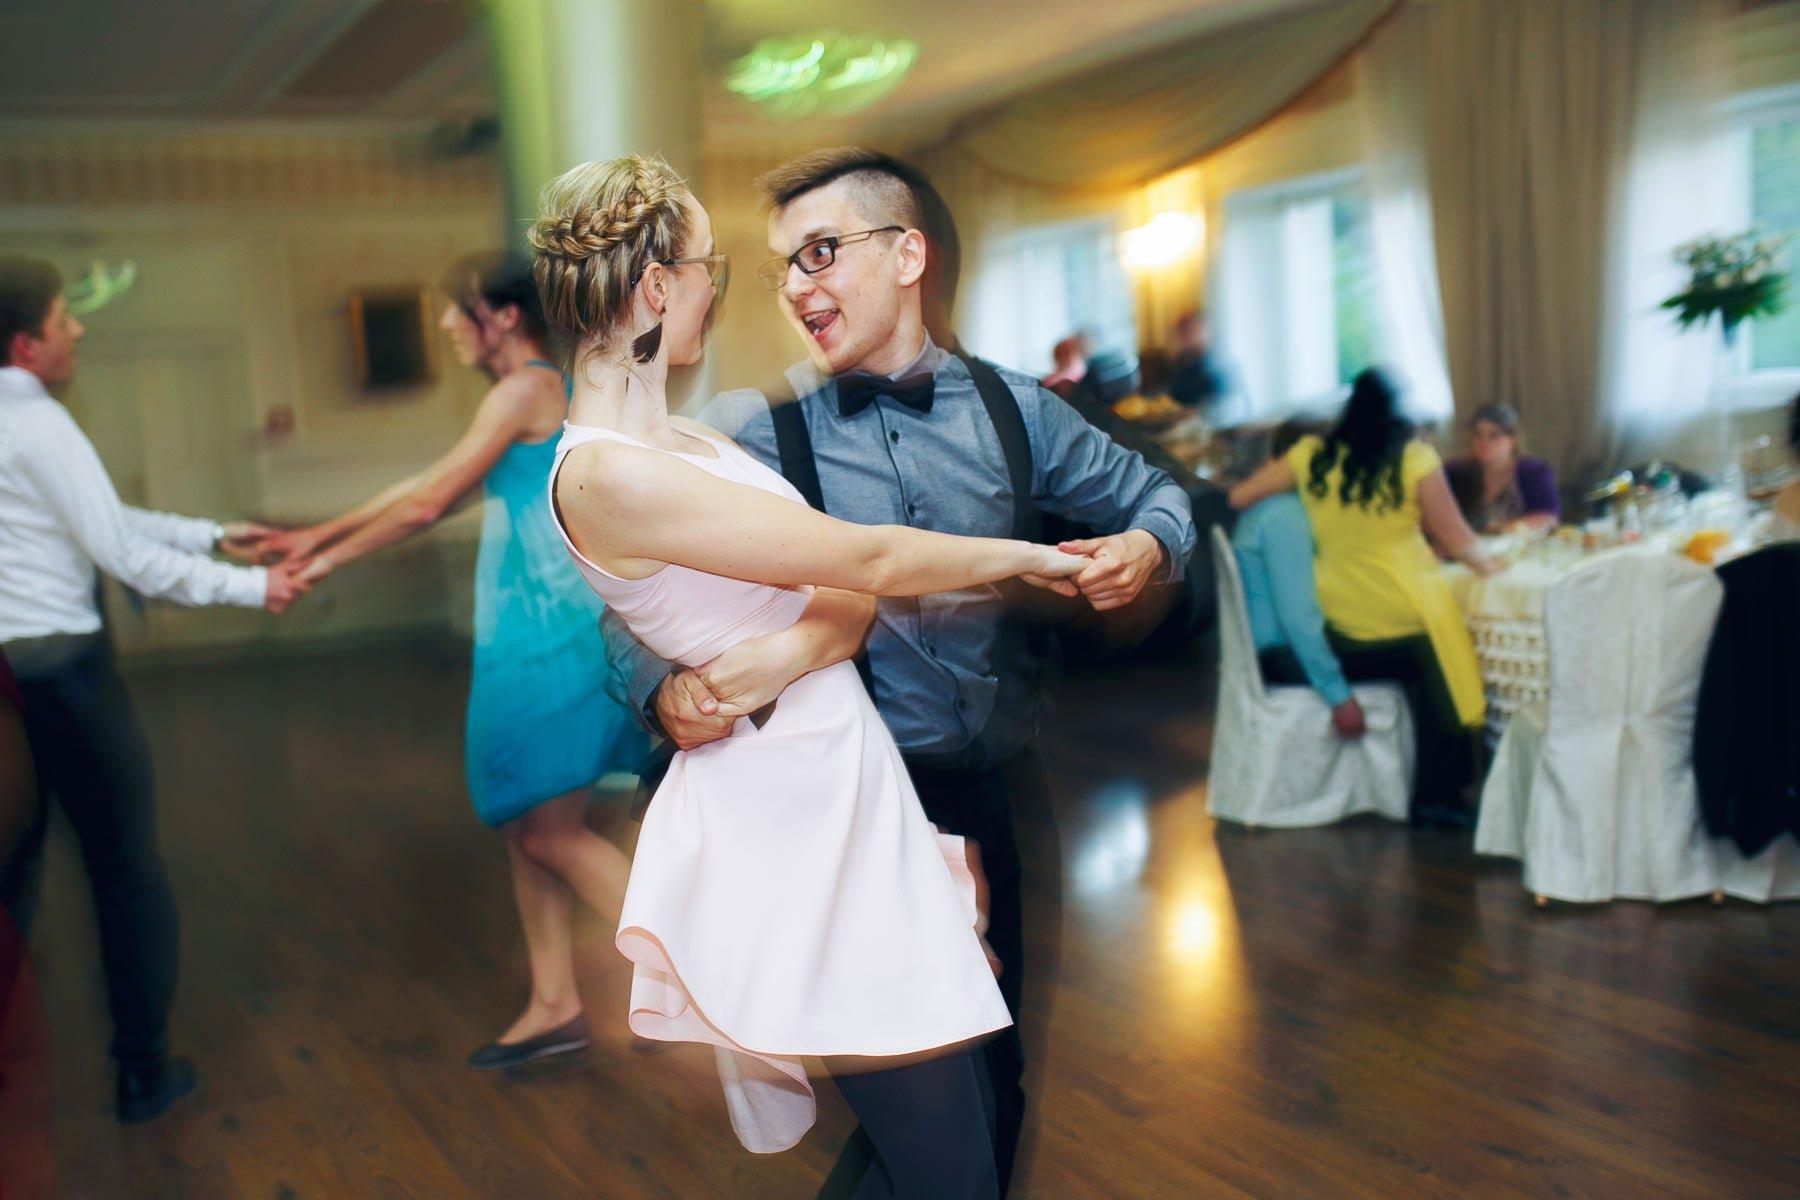 fotograf slub bielsko biala ania maciej 123 - Ślub w Bielsku-Białej - ANIA & MACIEJ